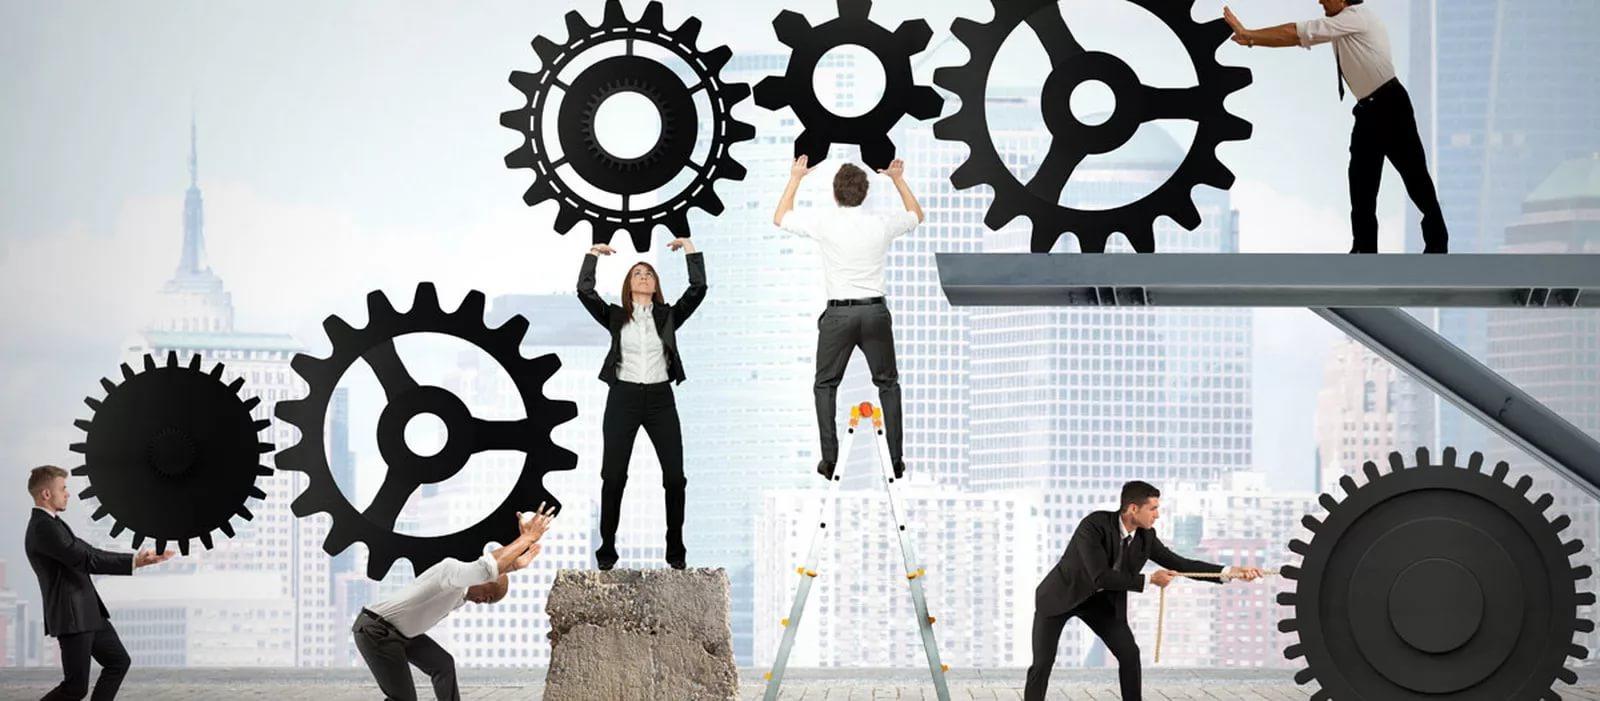 Стандартизация процессов в рекламном агентстве: как упростить работу, если вы не в топ-100